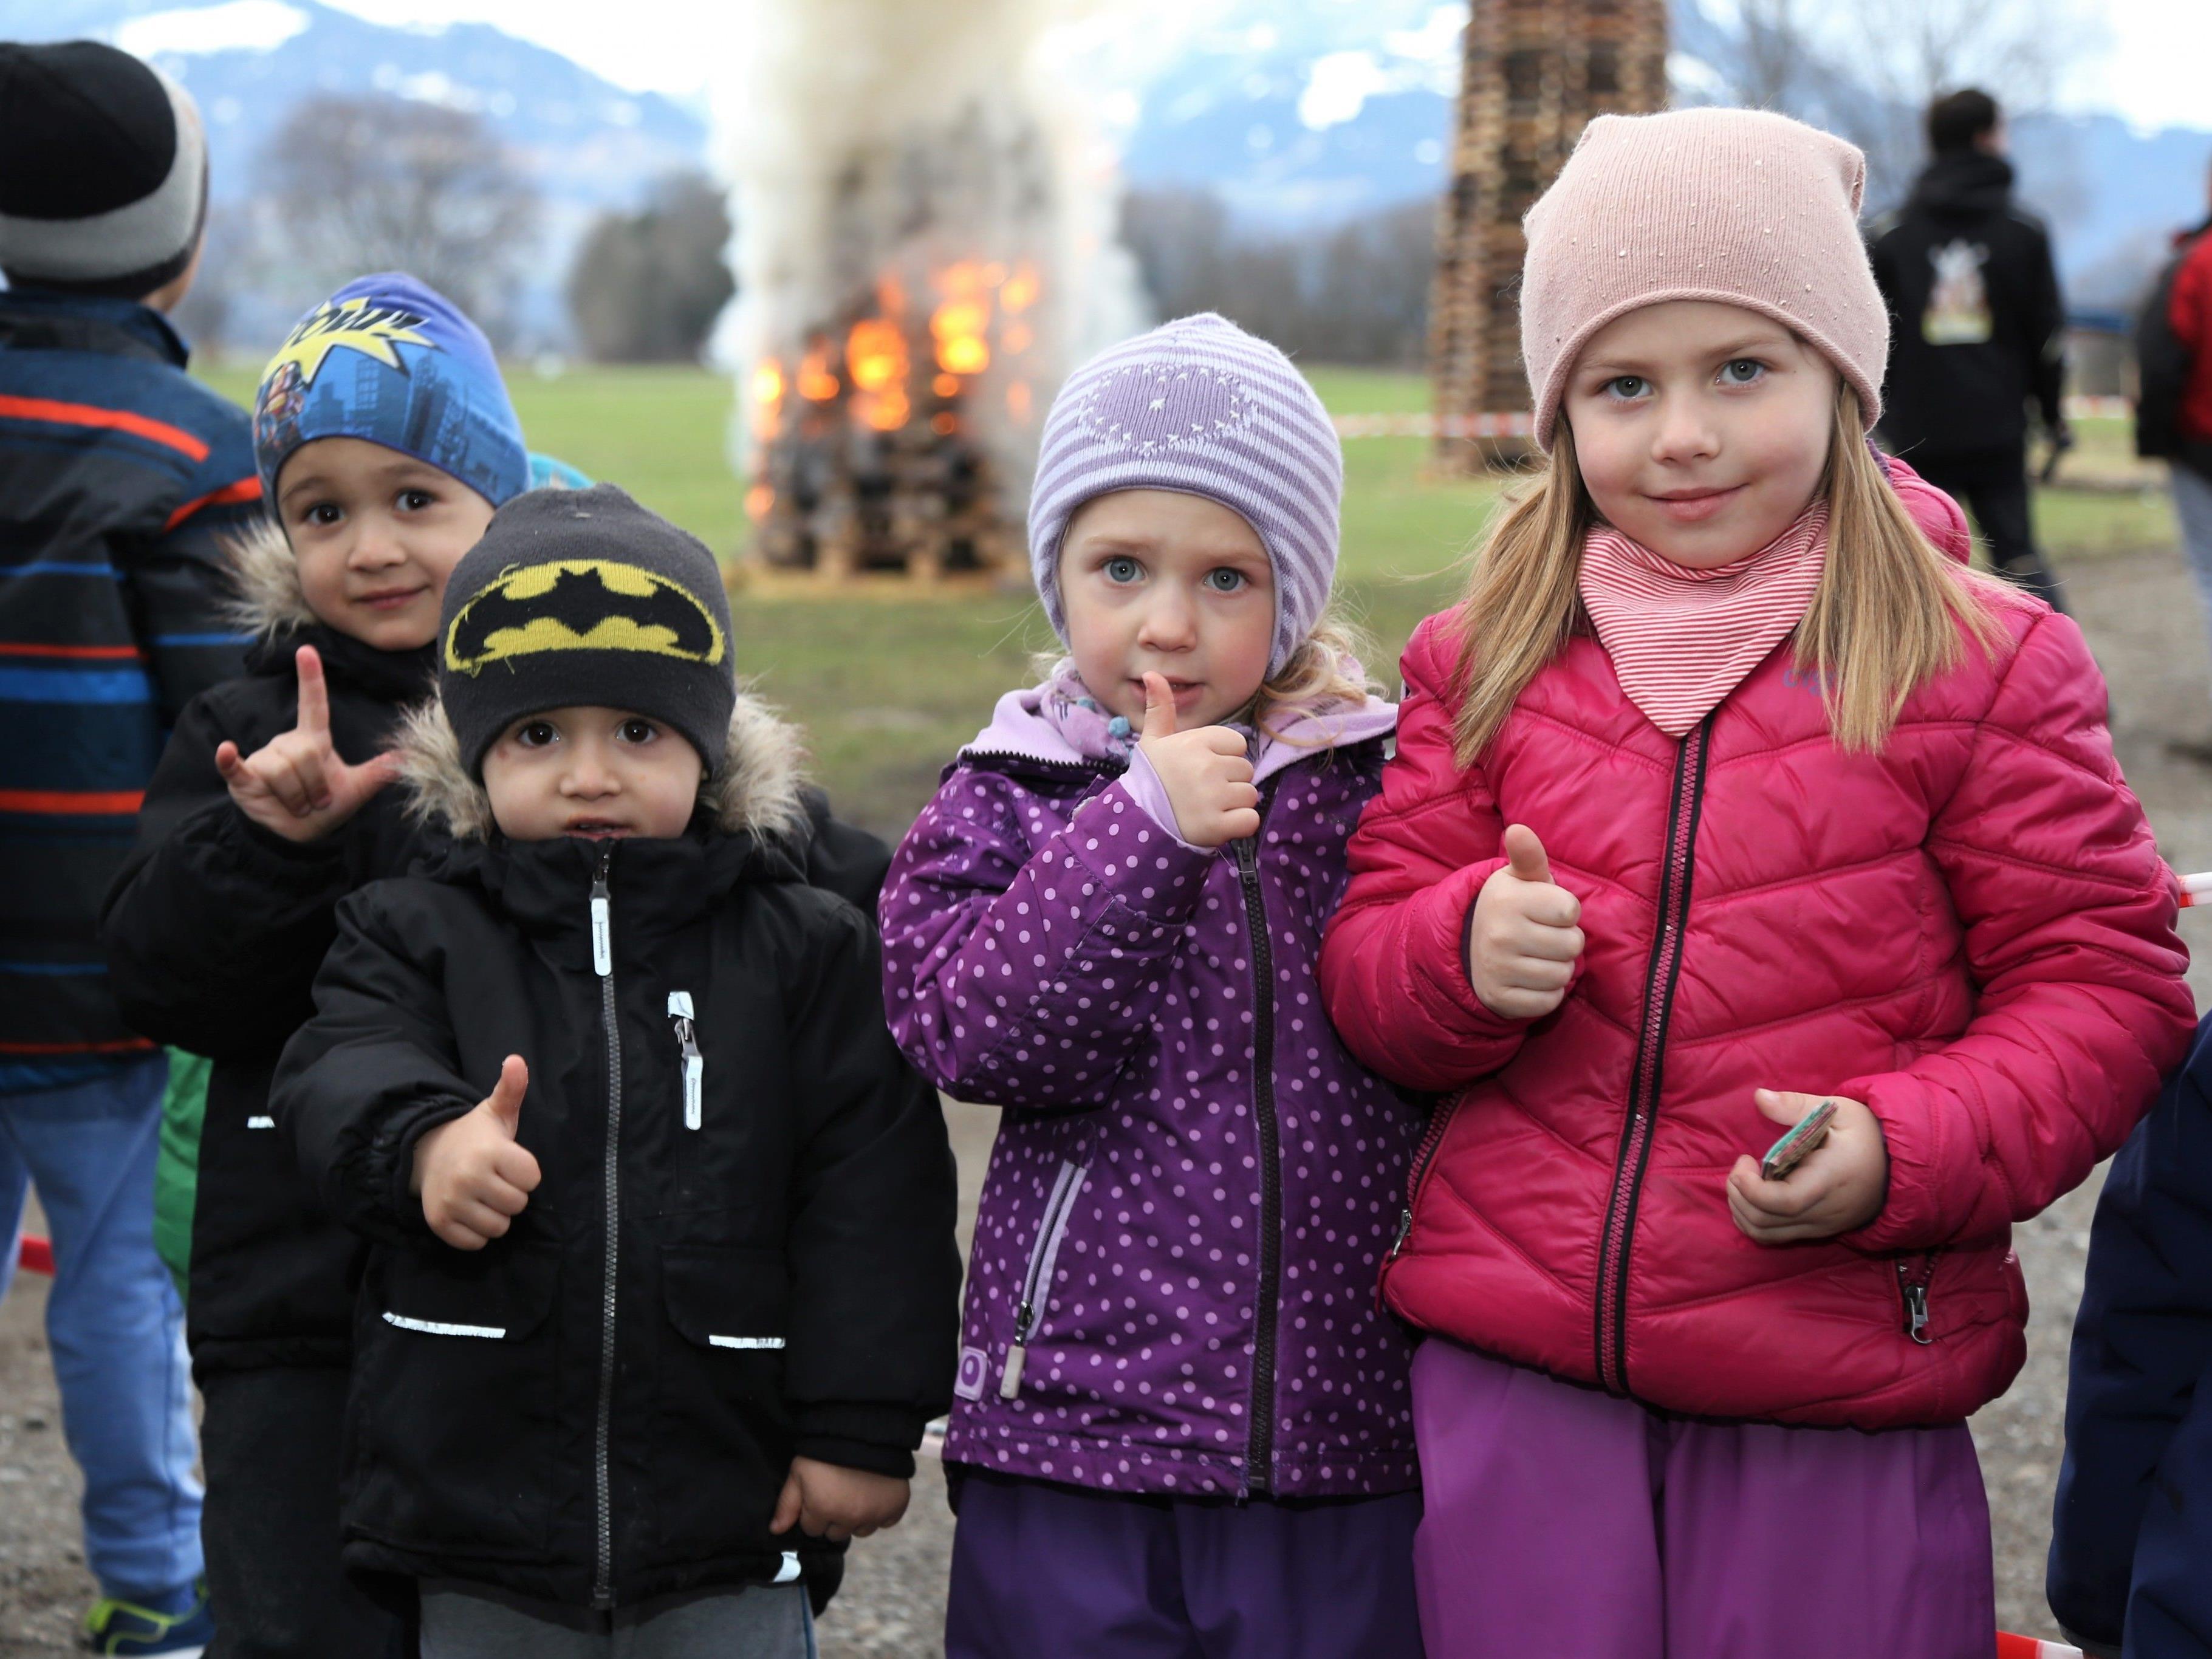 Denis, Emir, Mia und Lena genossen das Funkentreiben am Meininger Bauhof.